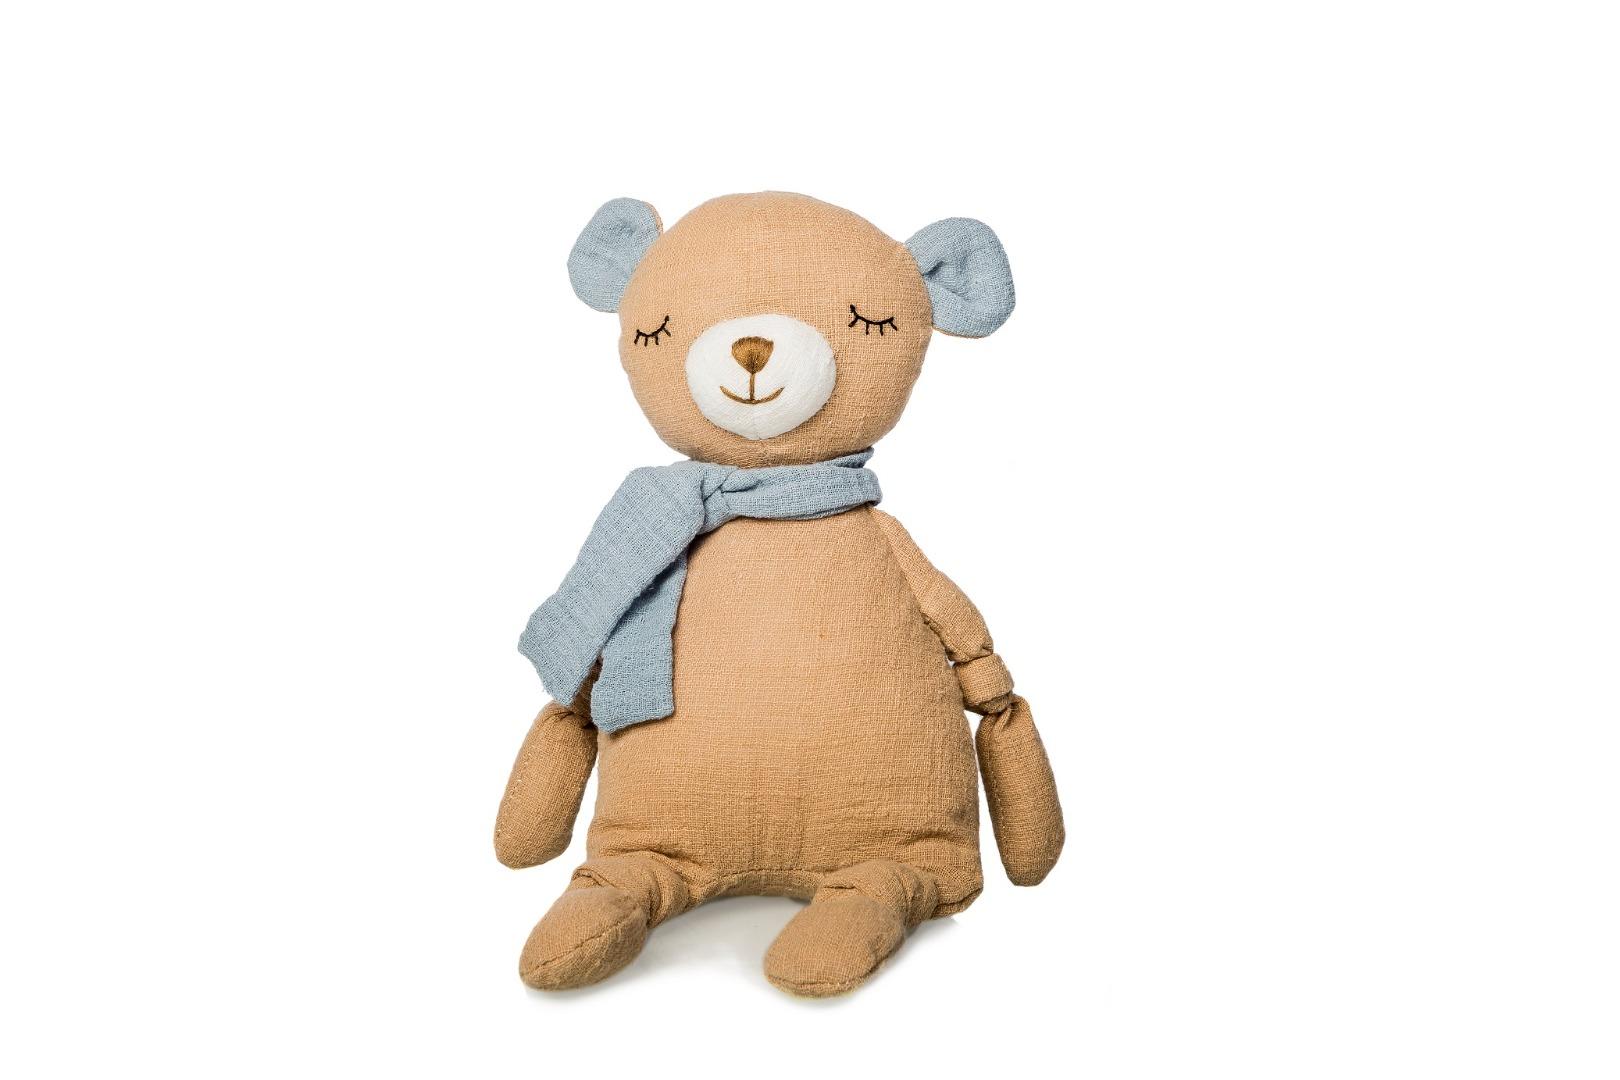 Peluche de oso de algodón para bebé